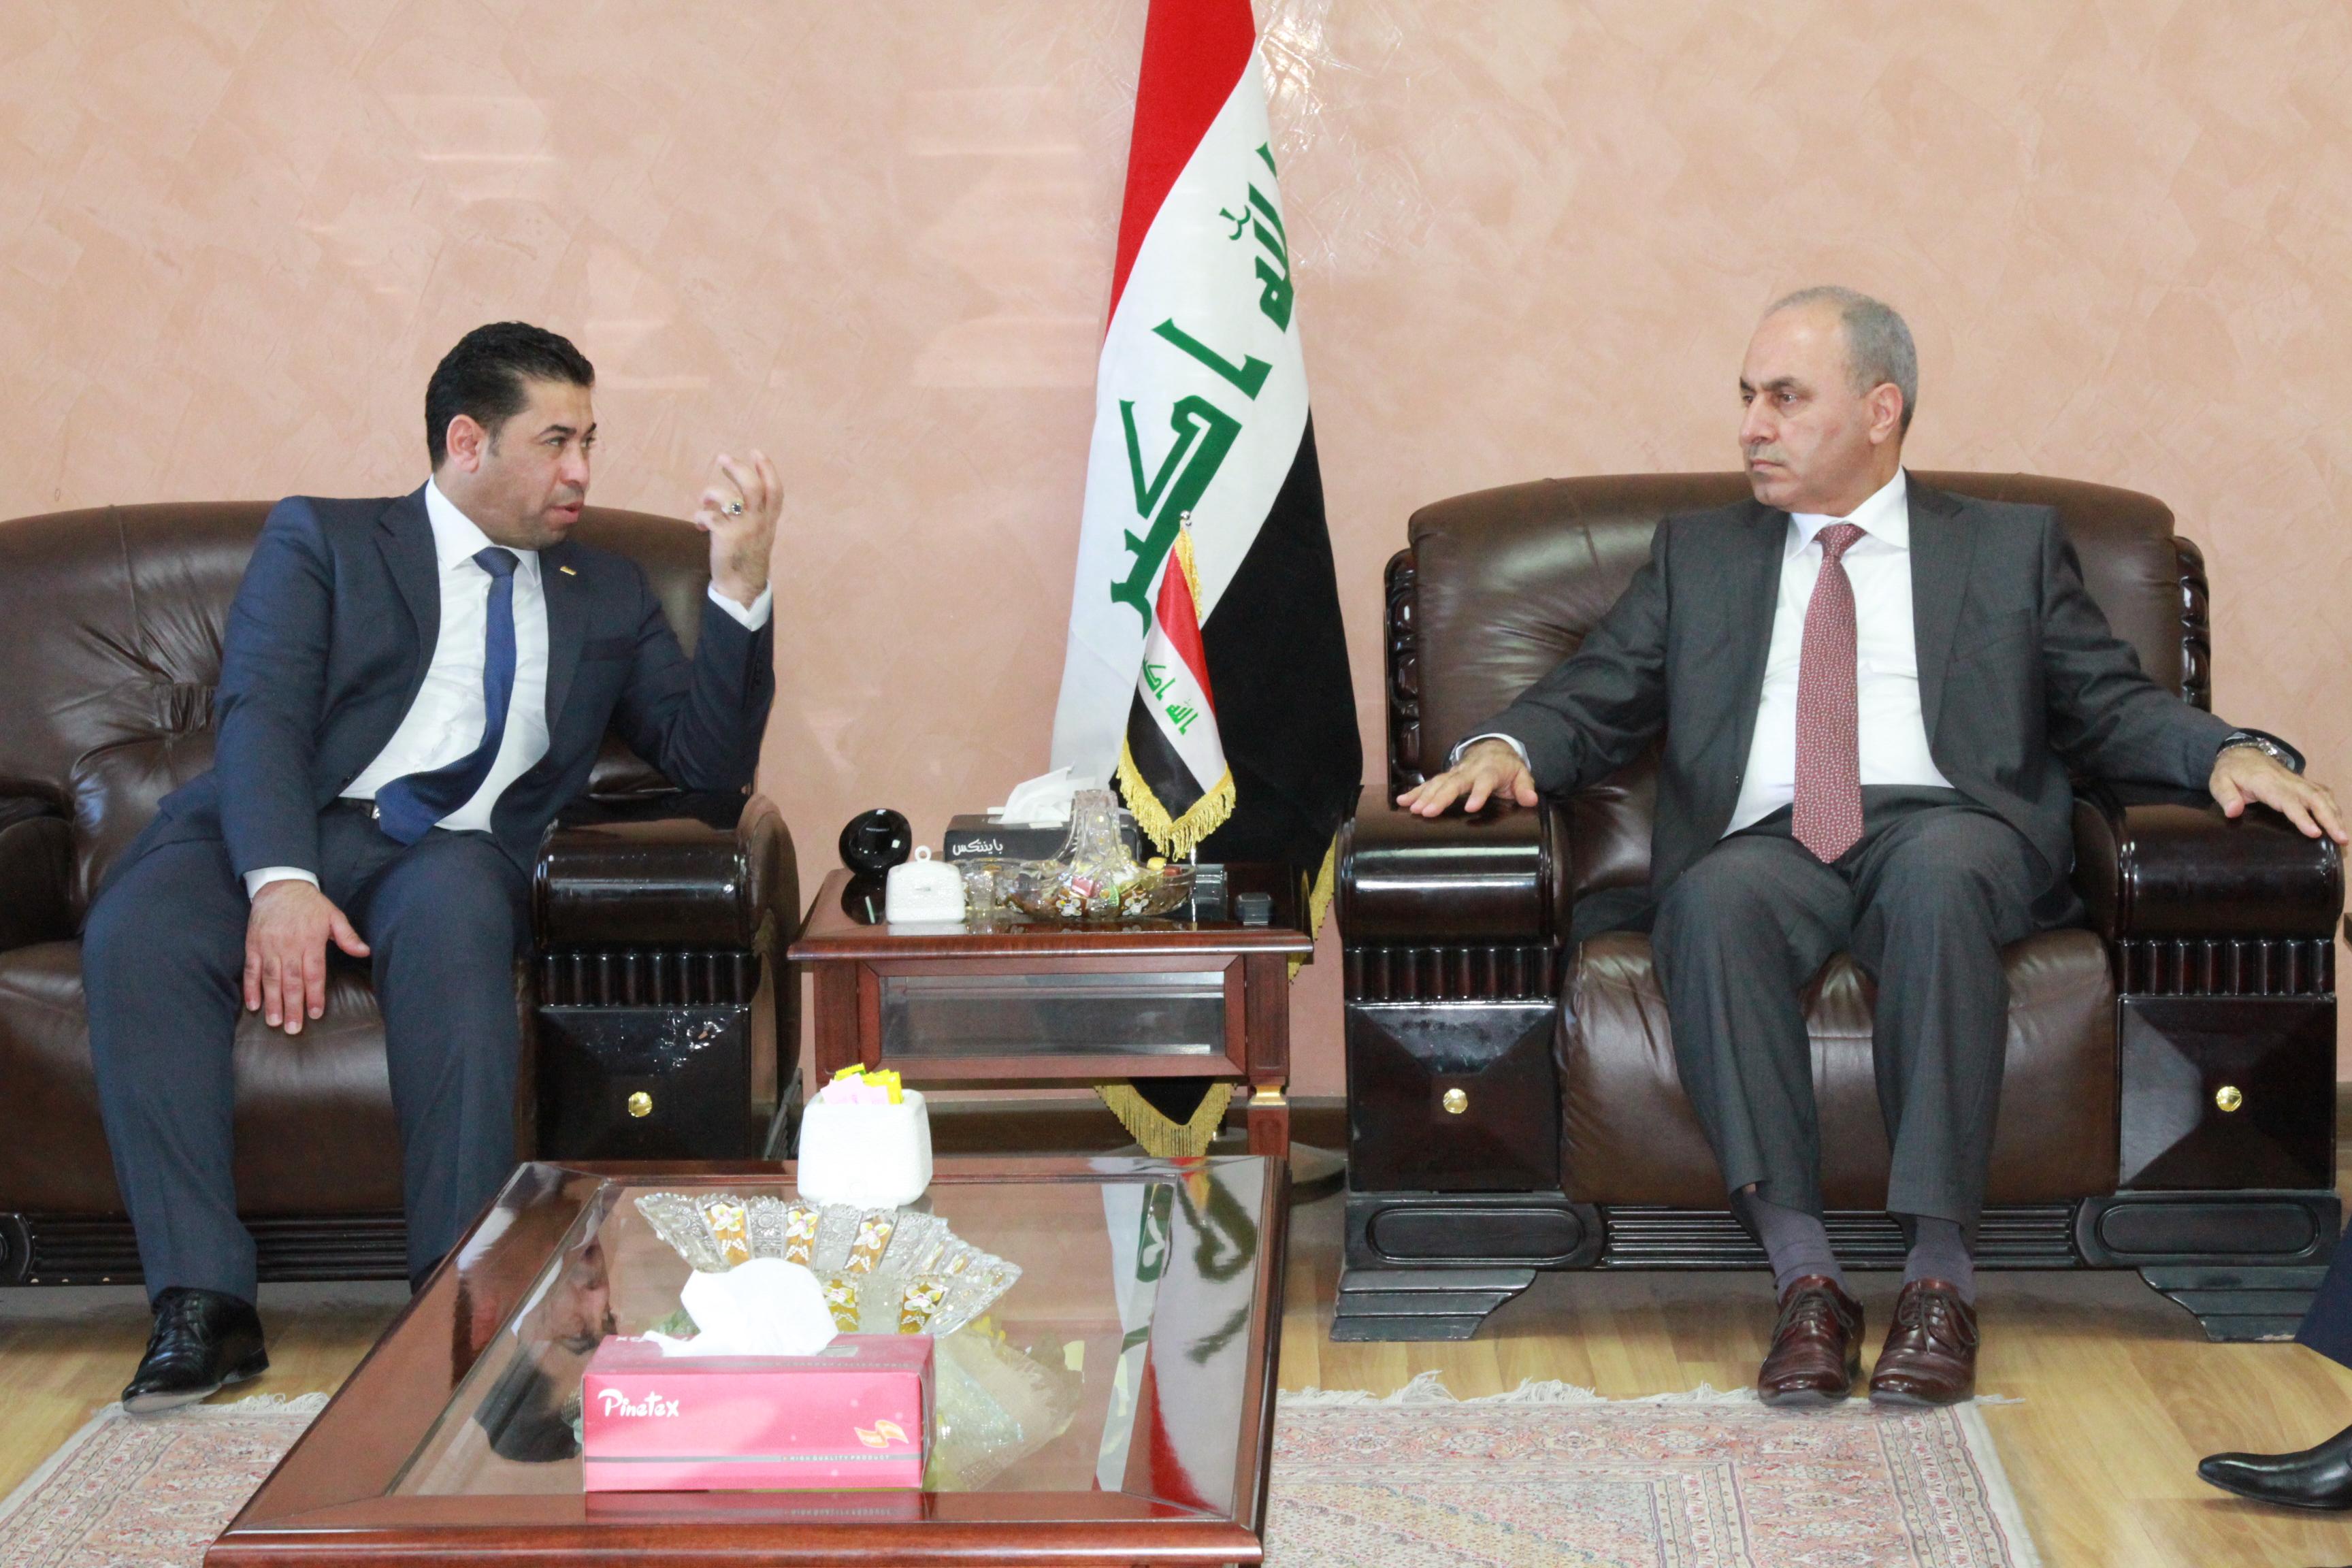 وزير التخطيط العراقي  يبحث مع حكومة بابل المحلية واقع المشاريع الخدمية  المنفذة في المحافظة